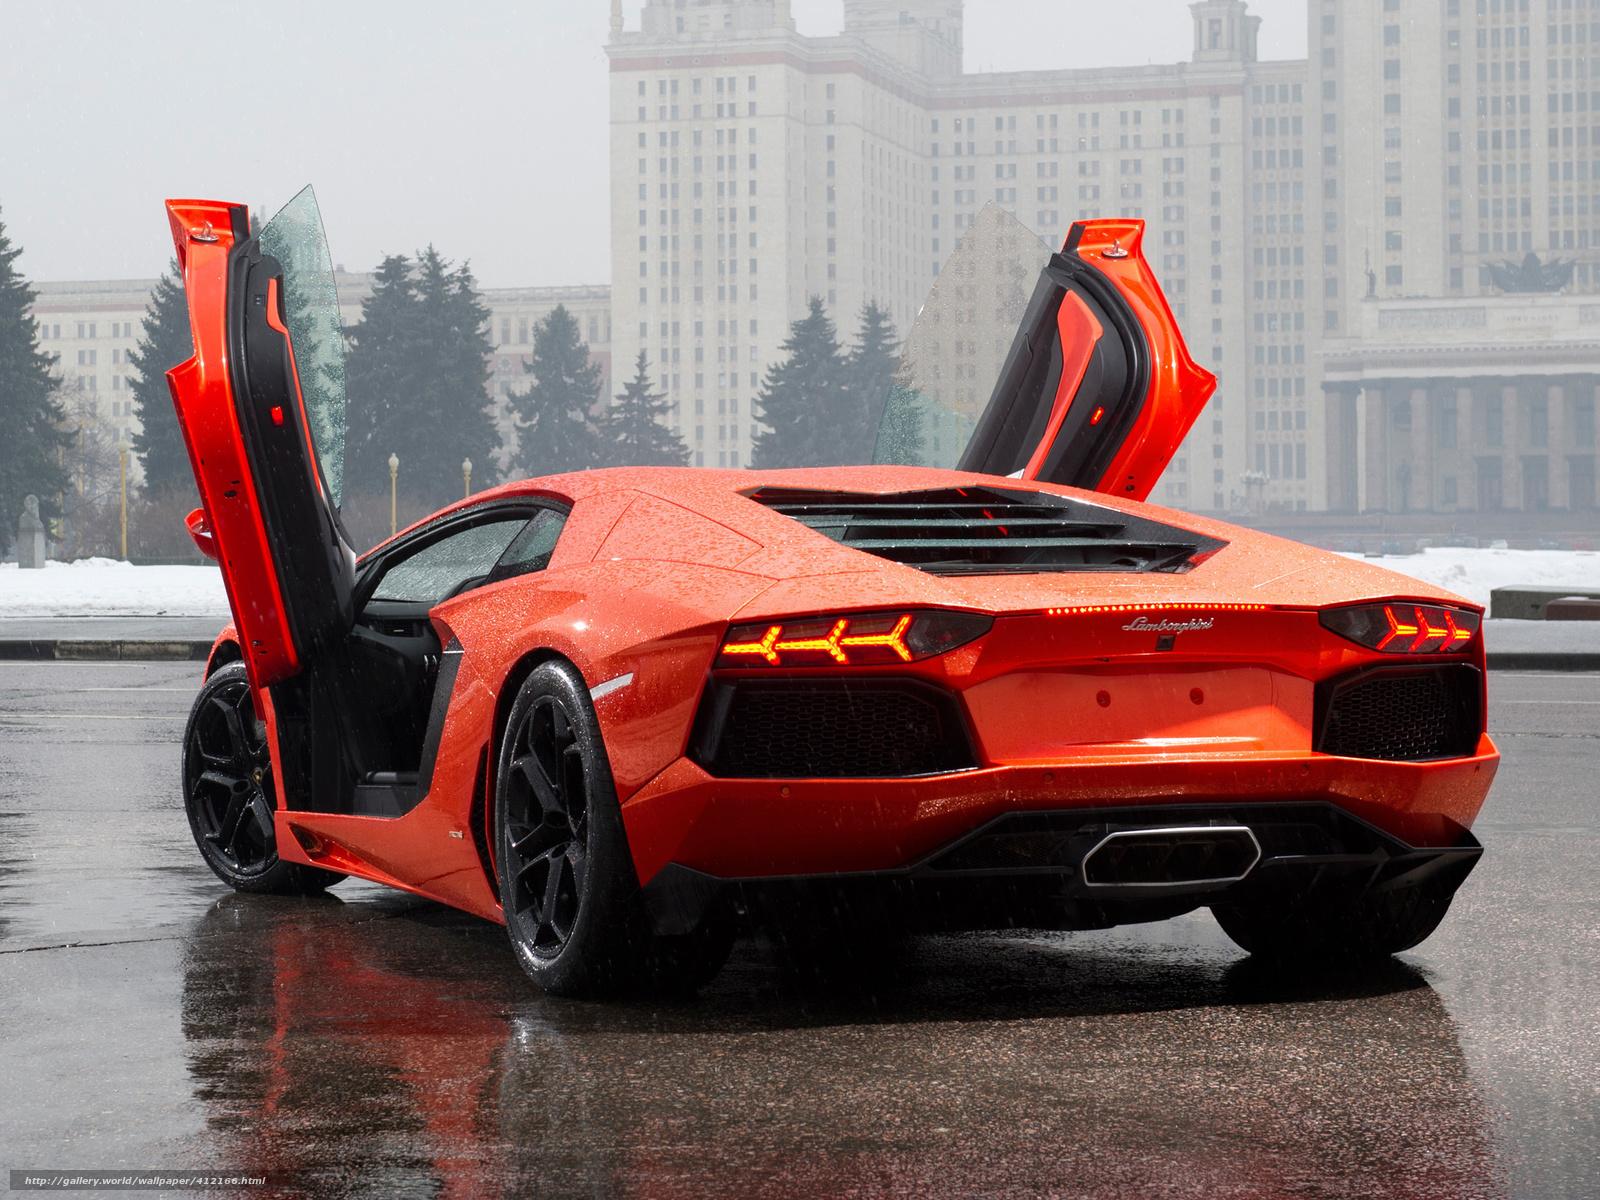 scaricare gli sfondi Lamborghini Aventador LP700-4,  Lamborghini,  Aventador LP700-4,  porte Sfondi gratis per la risoluzione del desktop 2048x1536 — immagine №412166